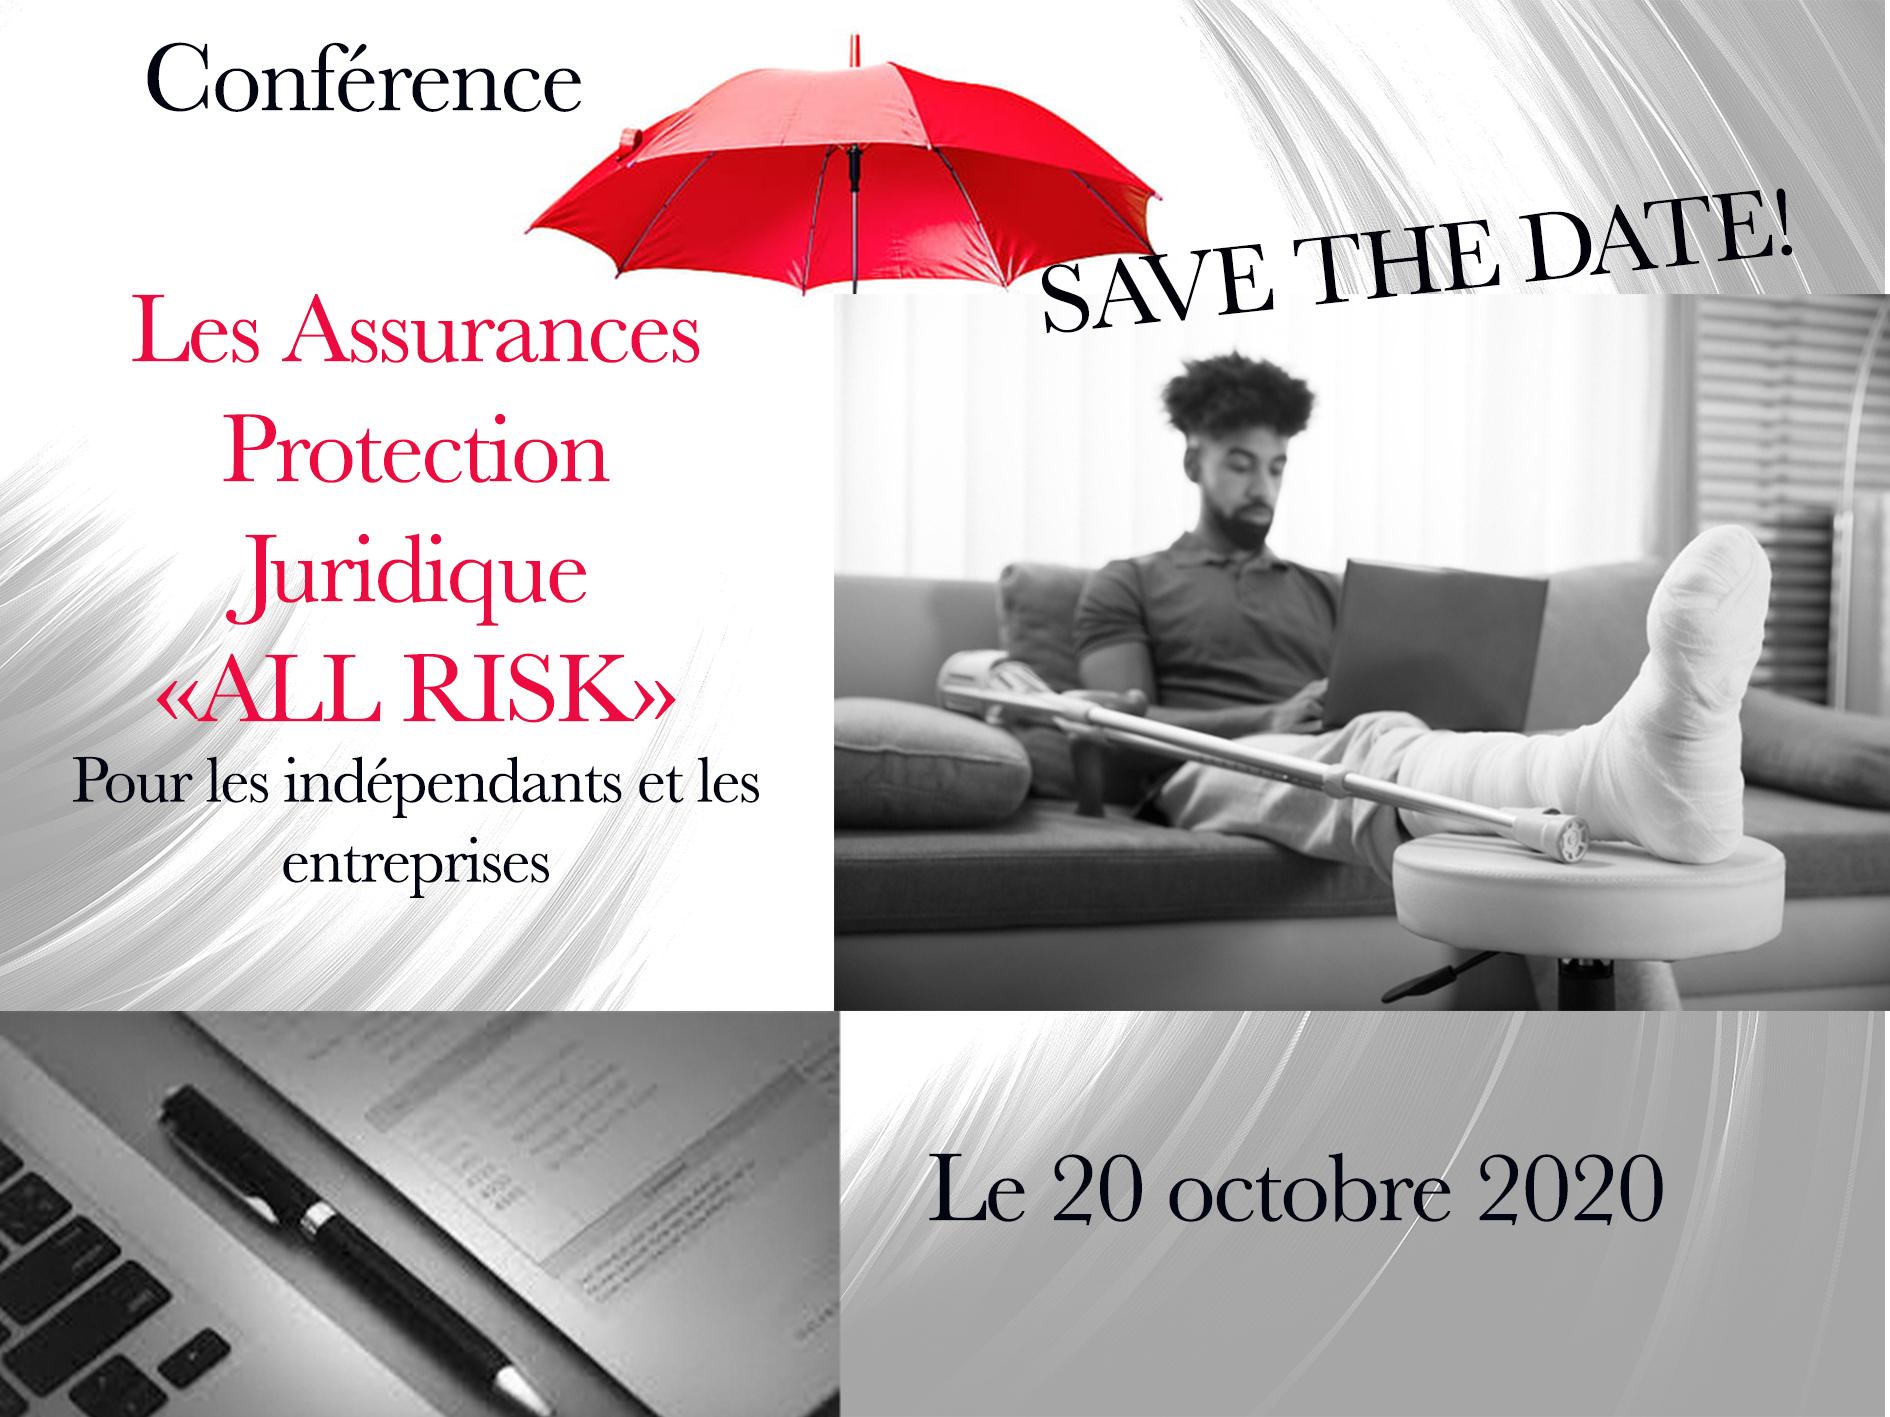 Conférence sur les Assurances Protection Juridique